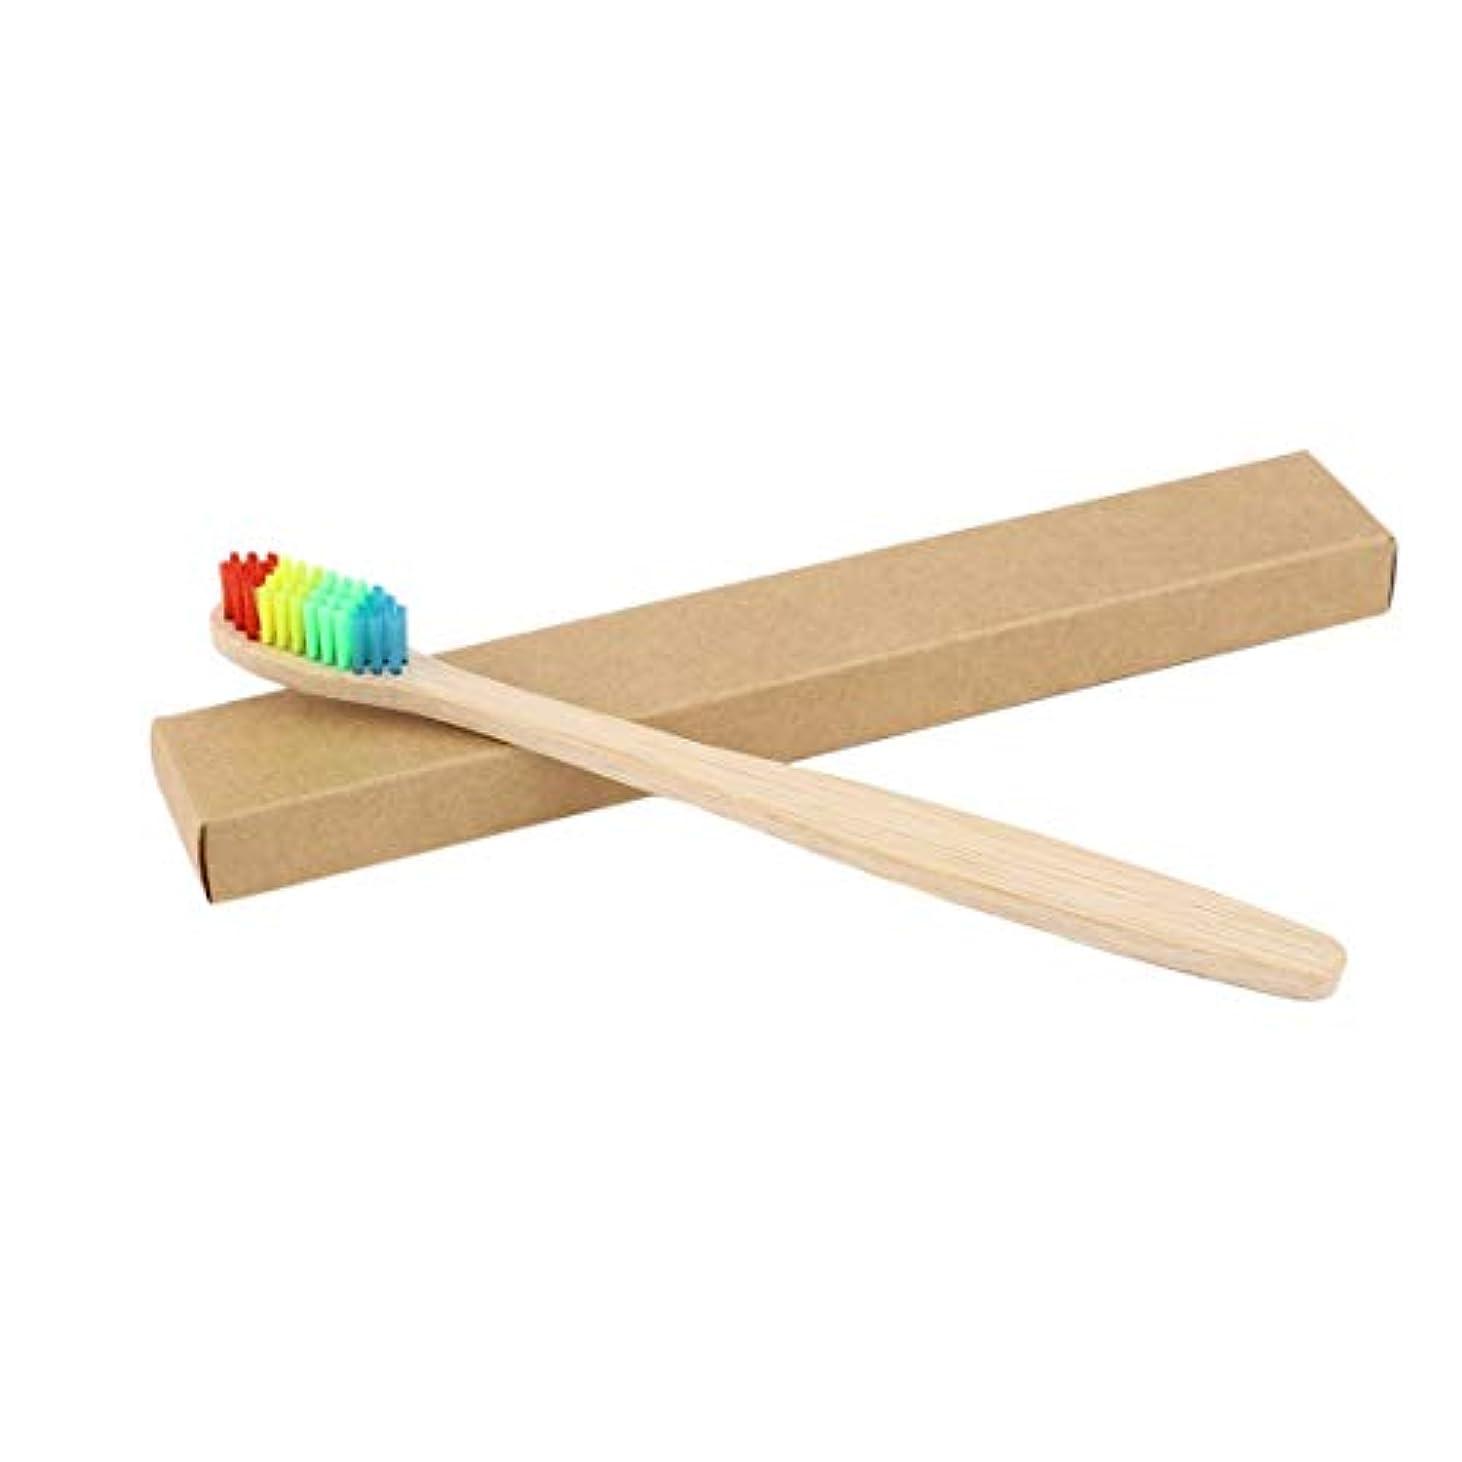 反論者抜け目がない通りカラフルな髪+竹のハンドル歯ブラシ環境木製の虹竹の歯ブラシオーラルケアソフト剛毛ユニセックス - ウッドカラー+カラフル